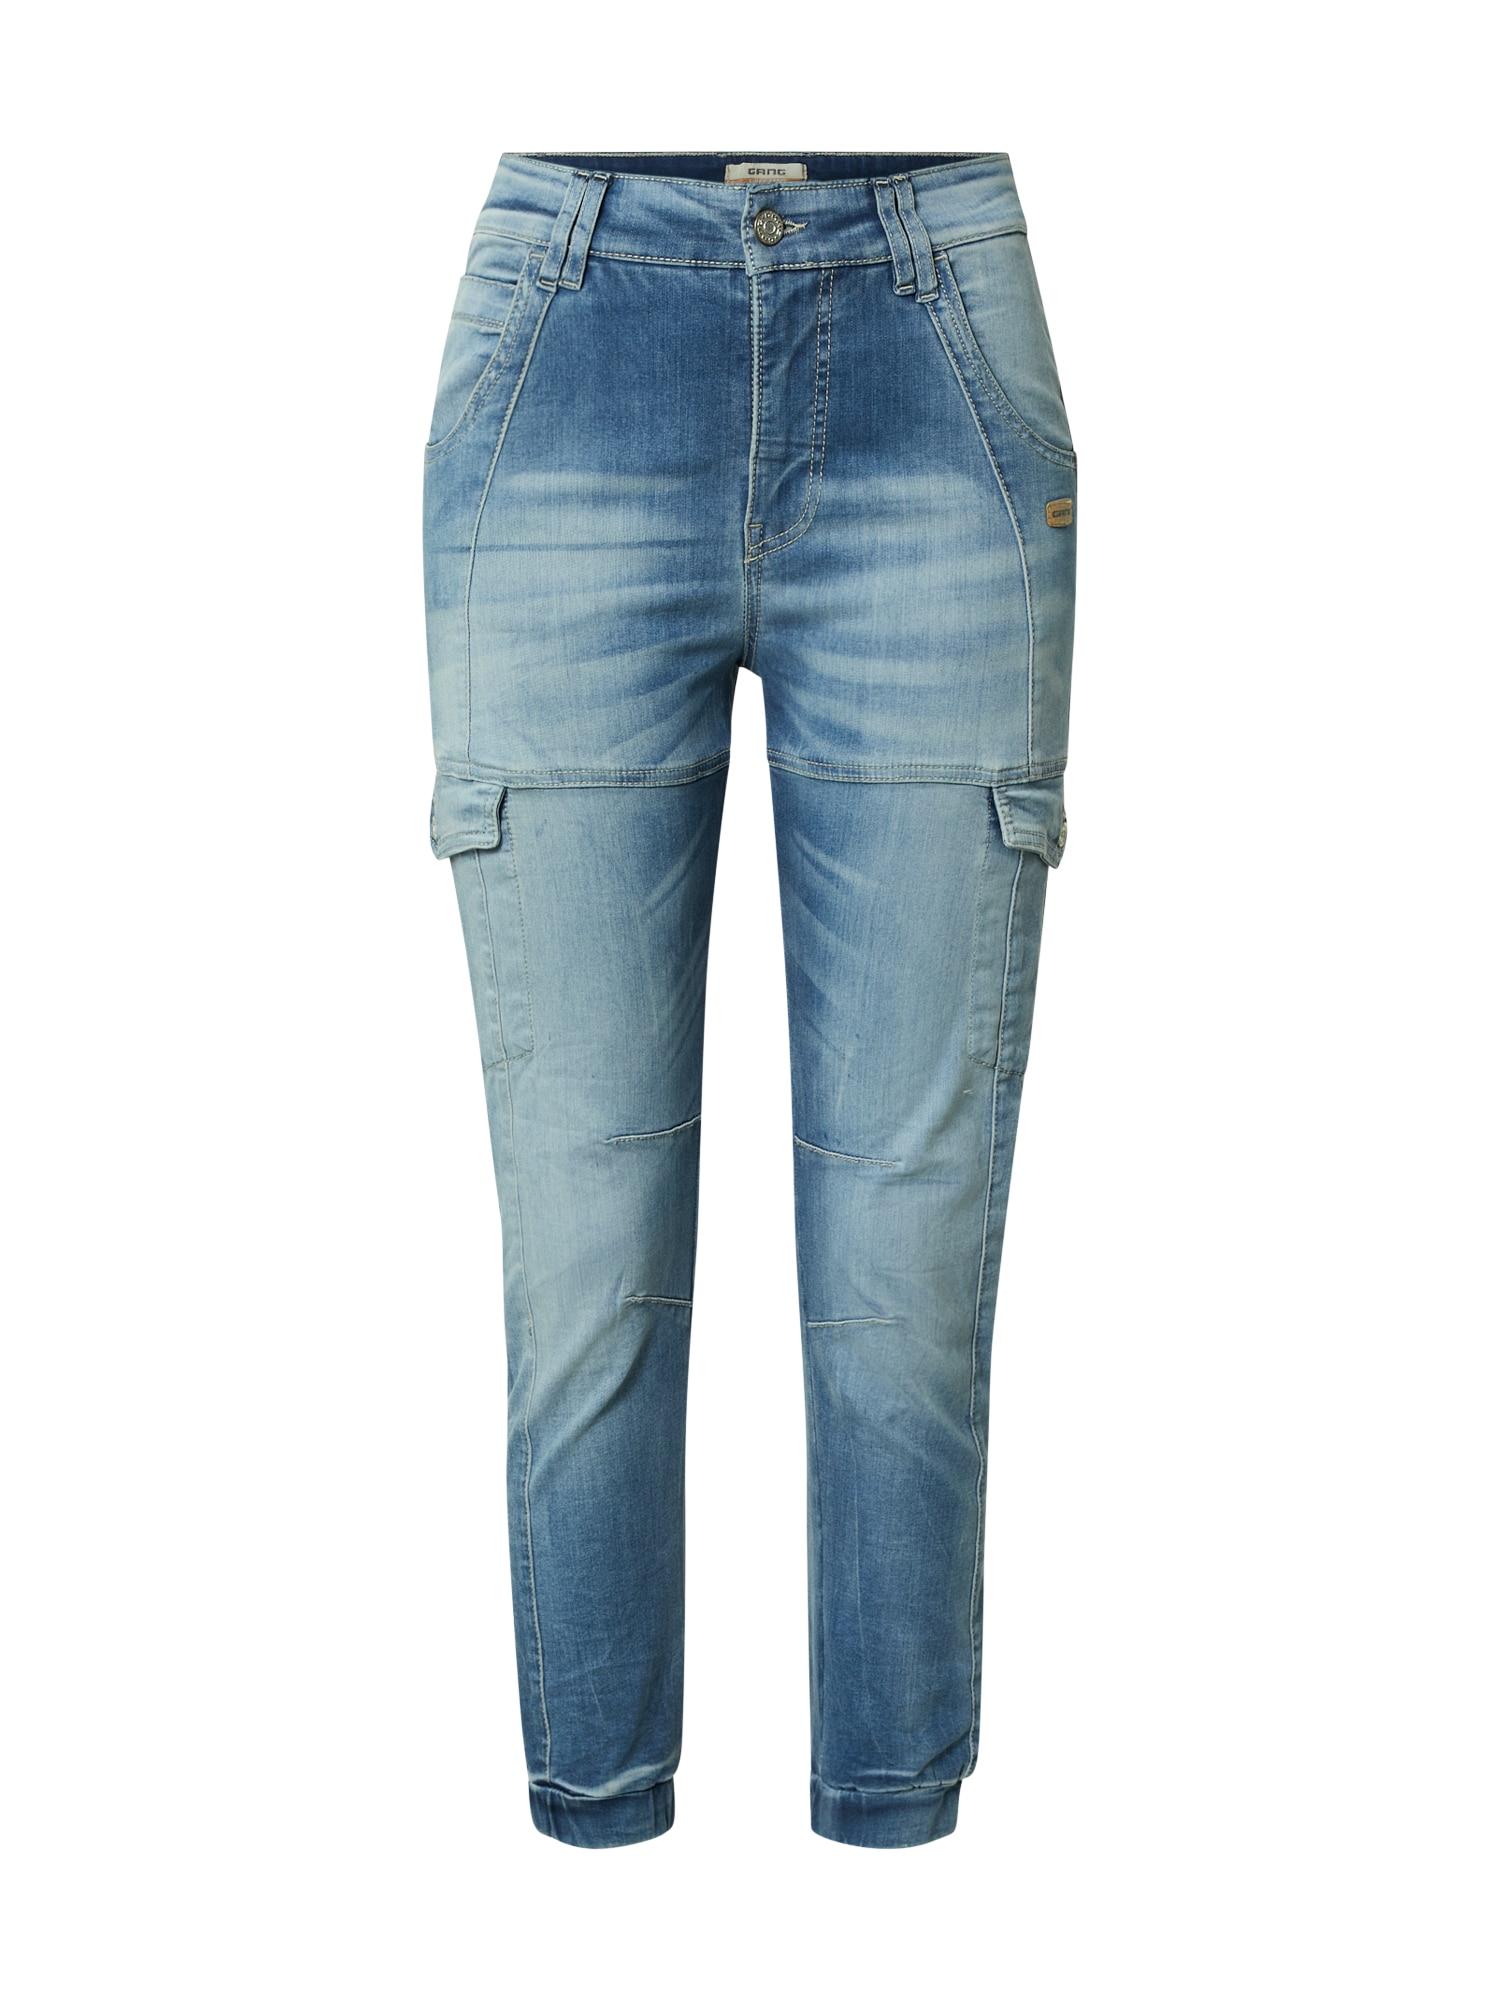 Gang Darbinio stiliaus džinsai 'GISELLE' tamsiai (džinso) mėlyna